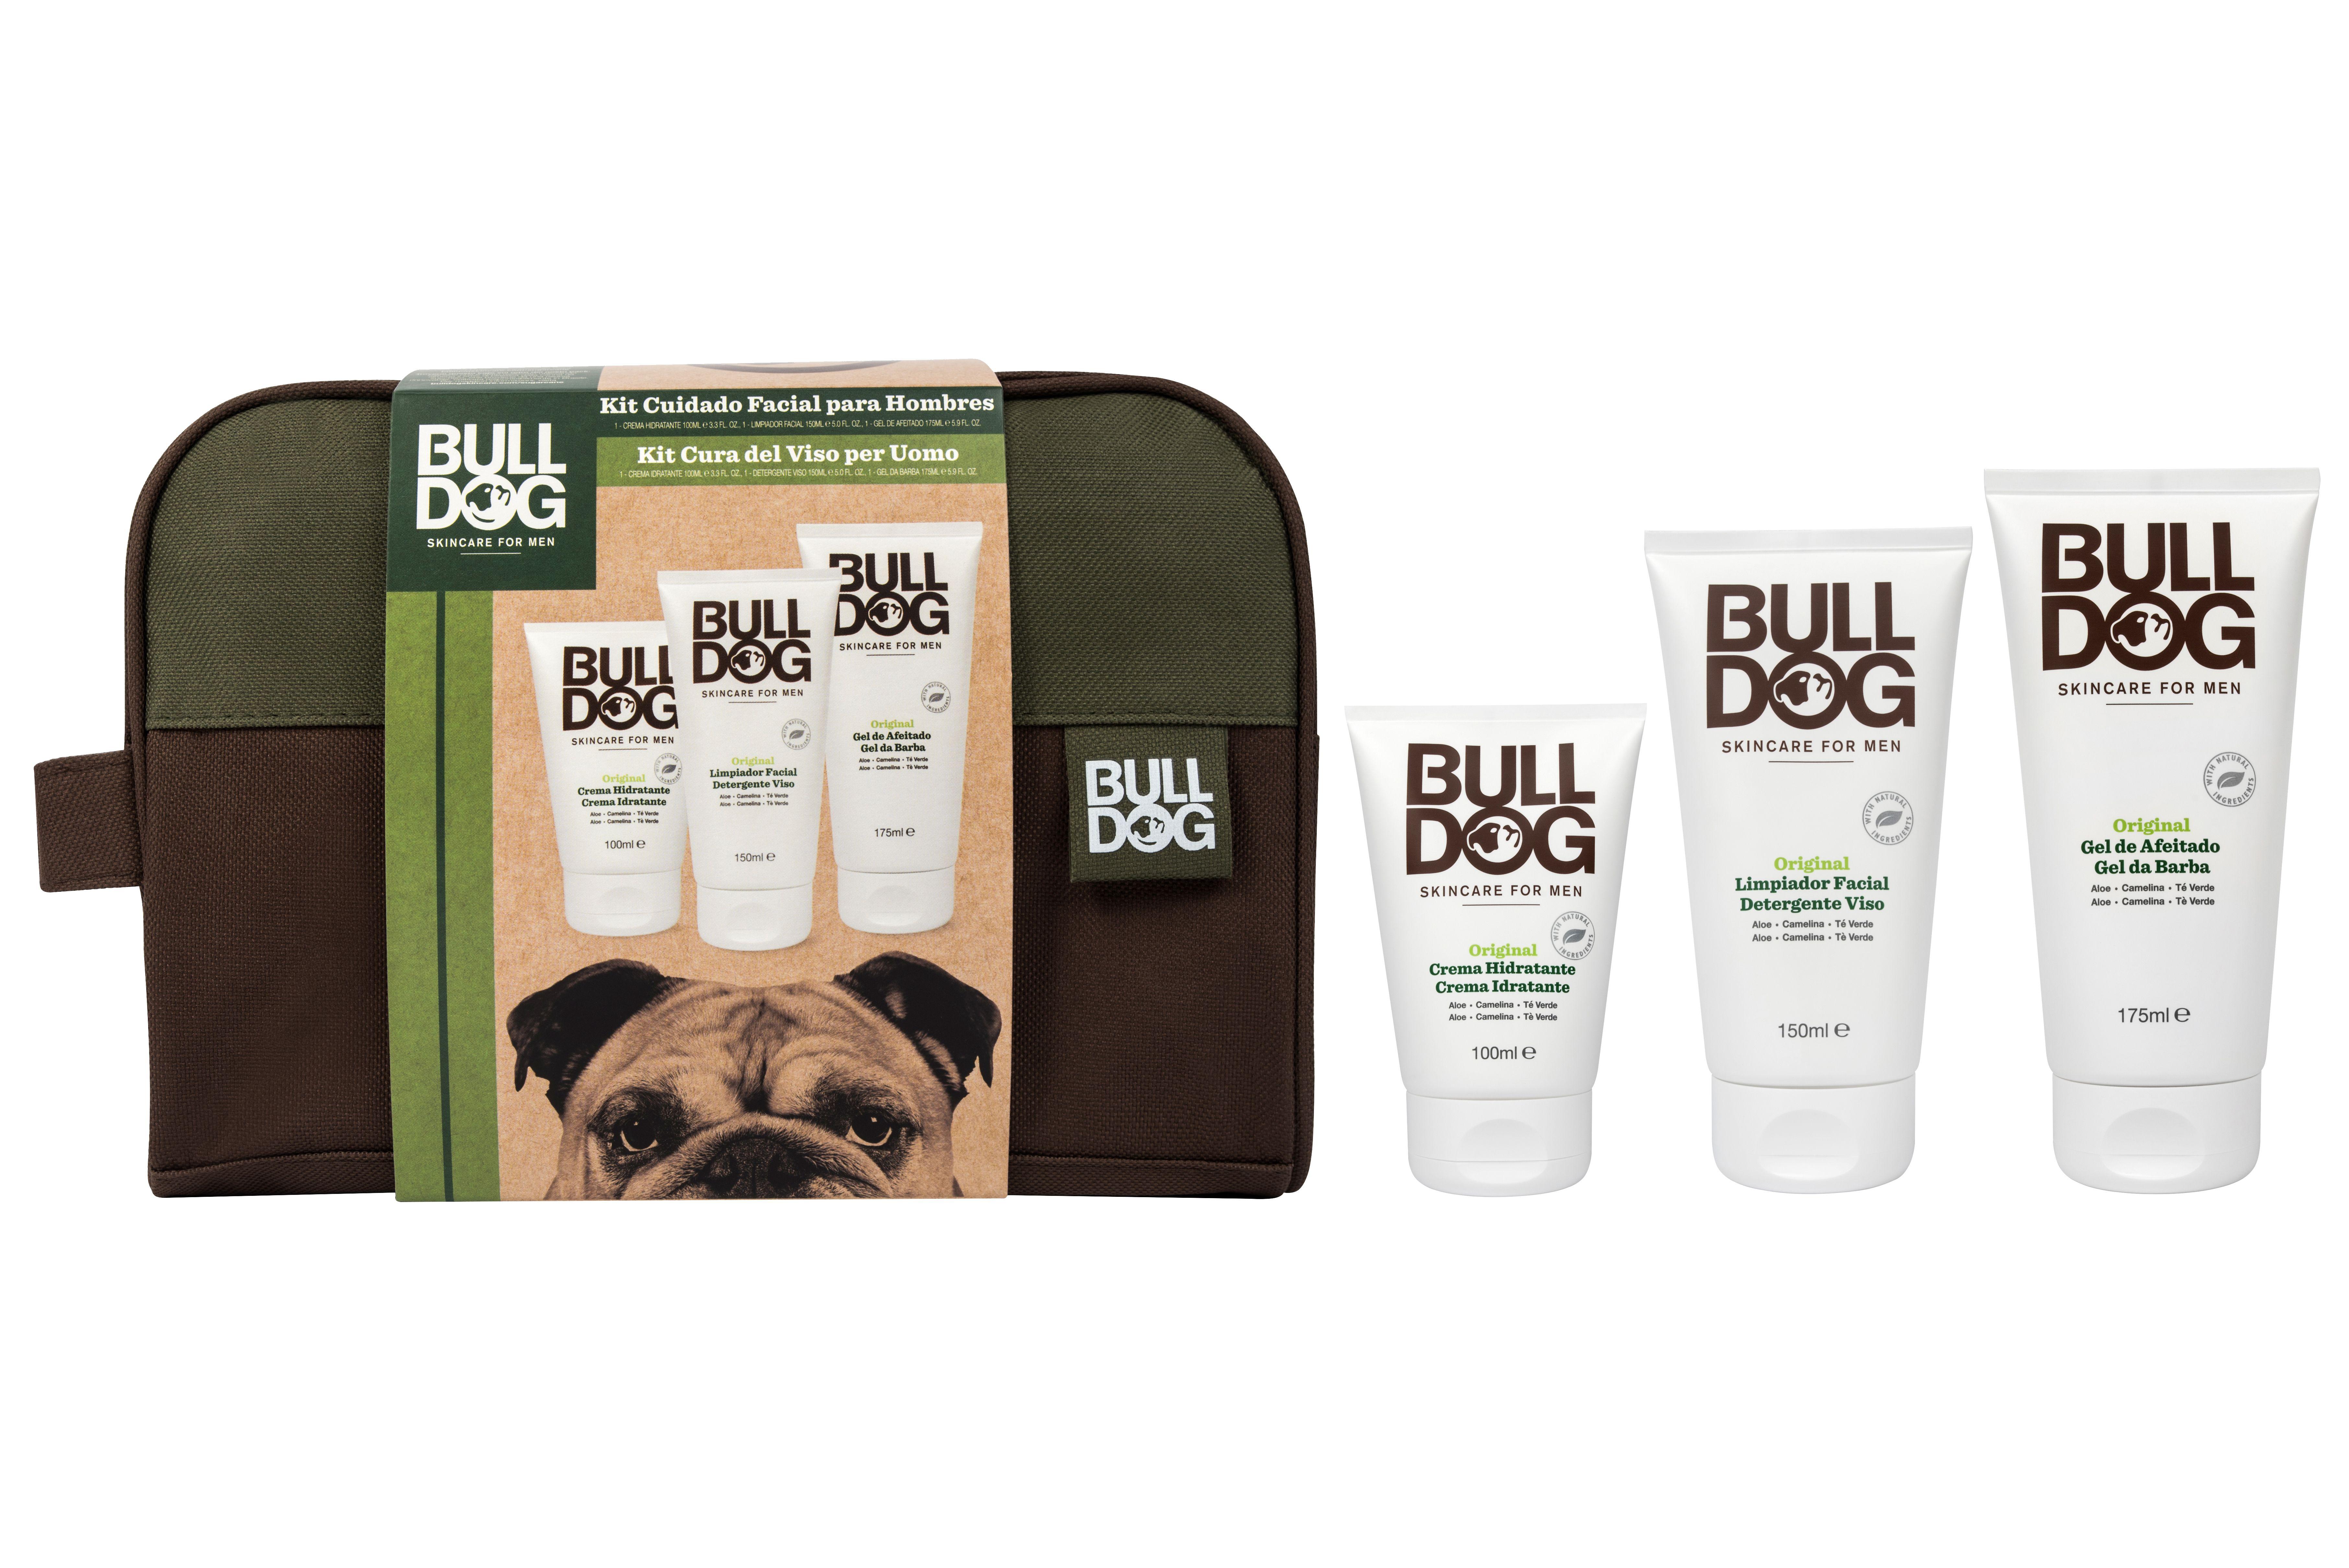 los mejores regalos de belleza bulldog